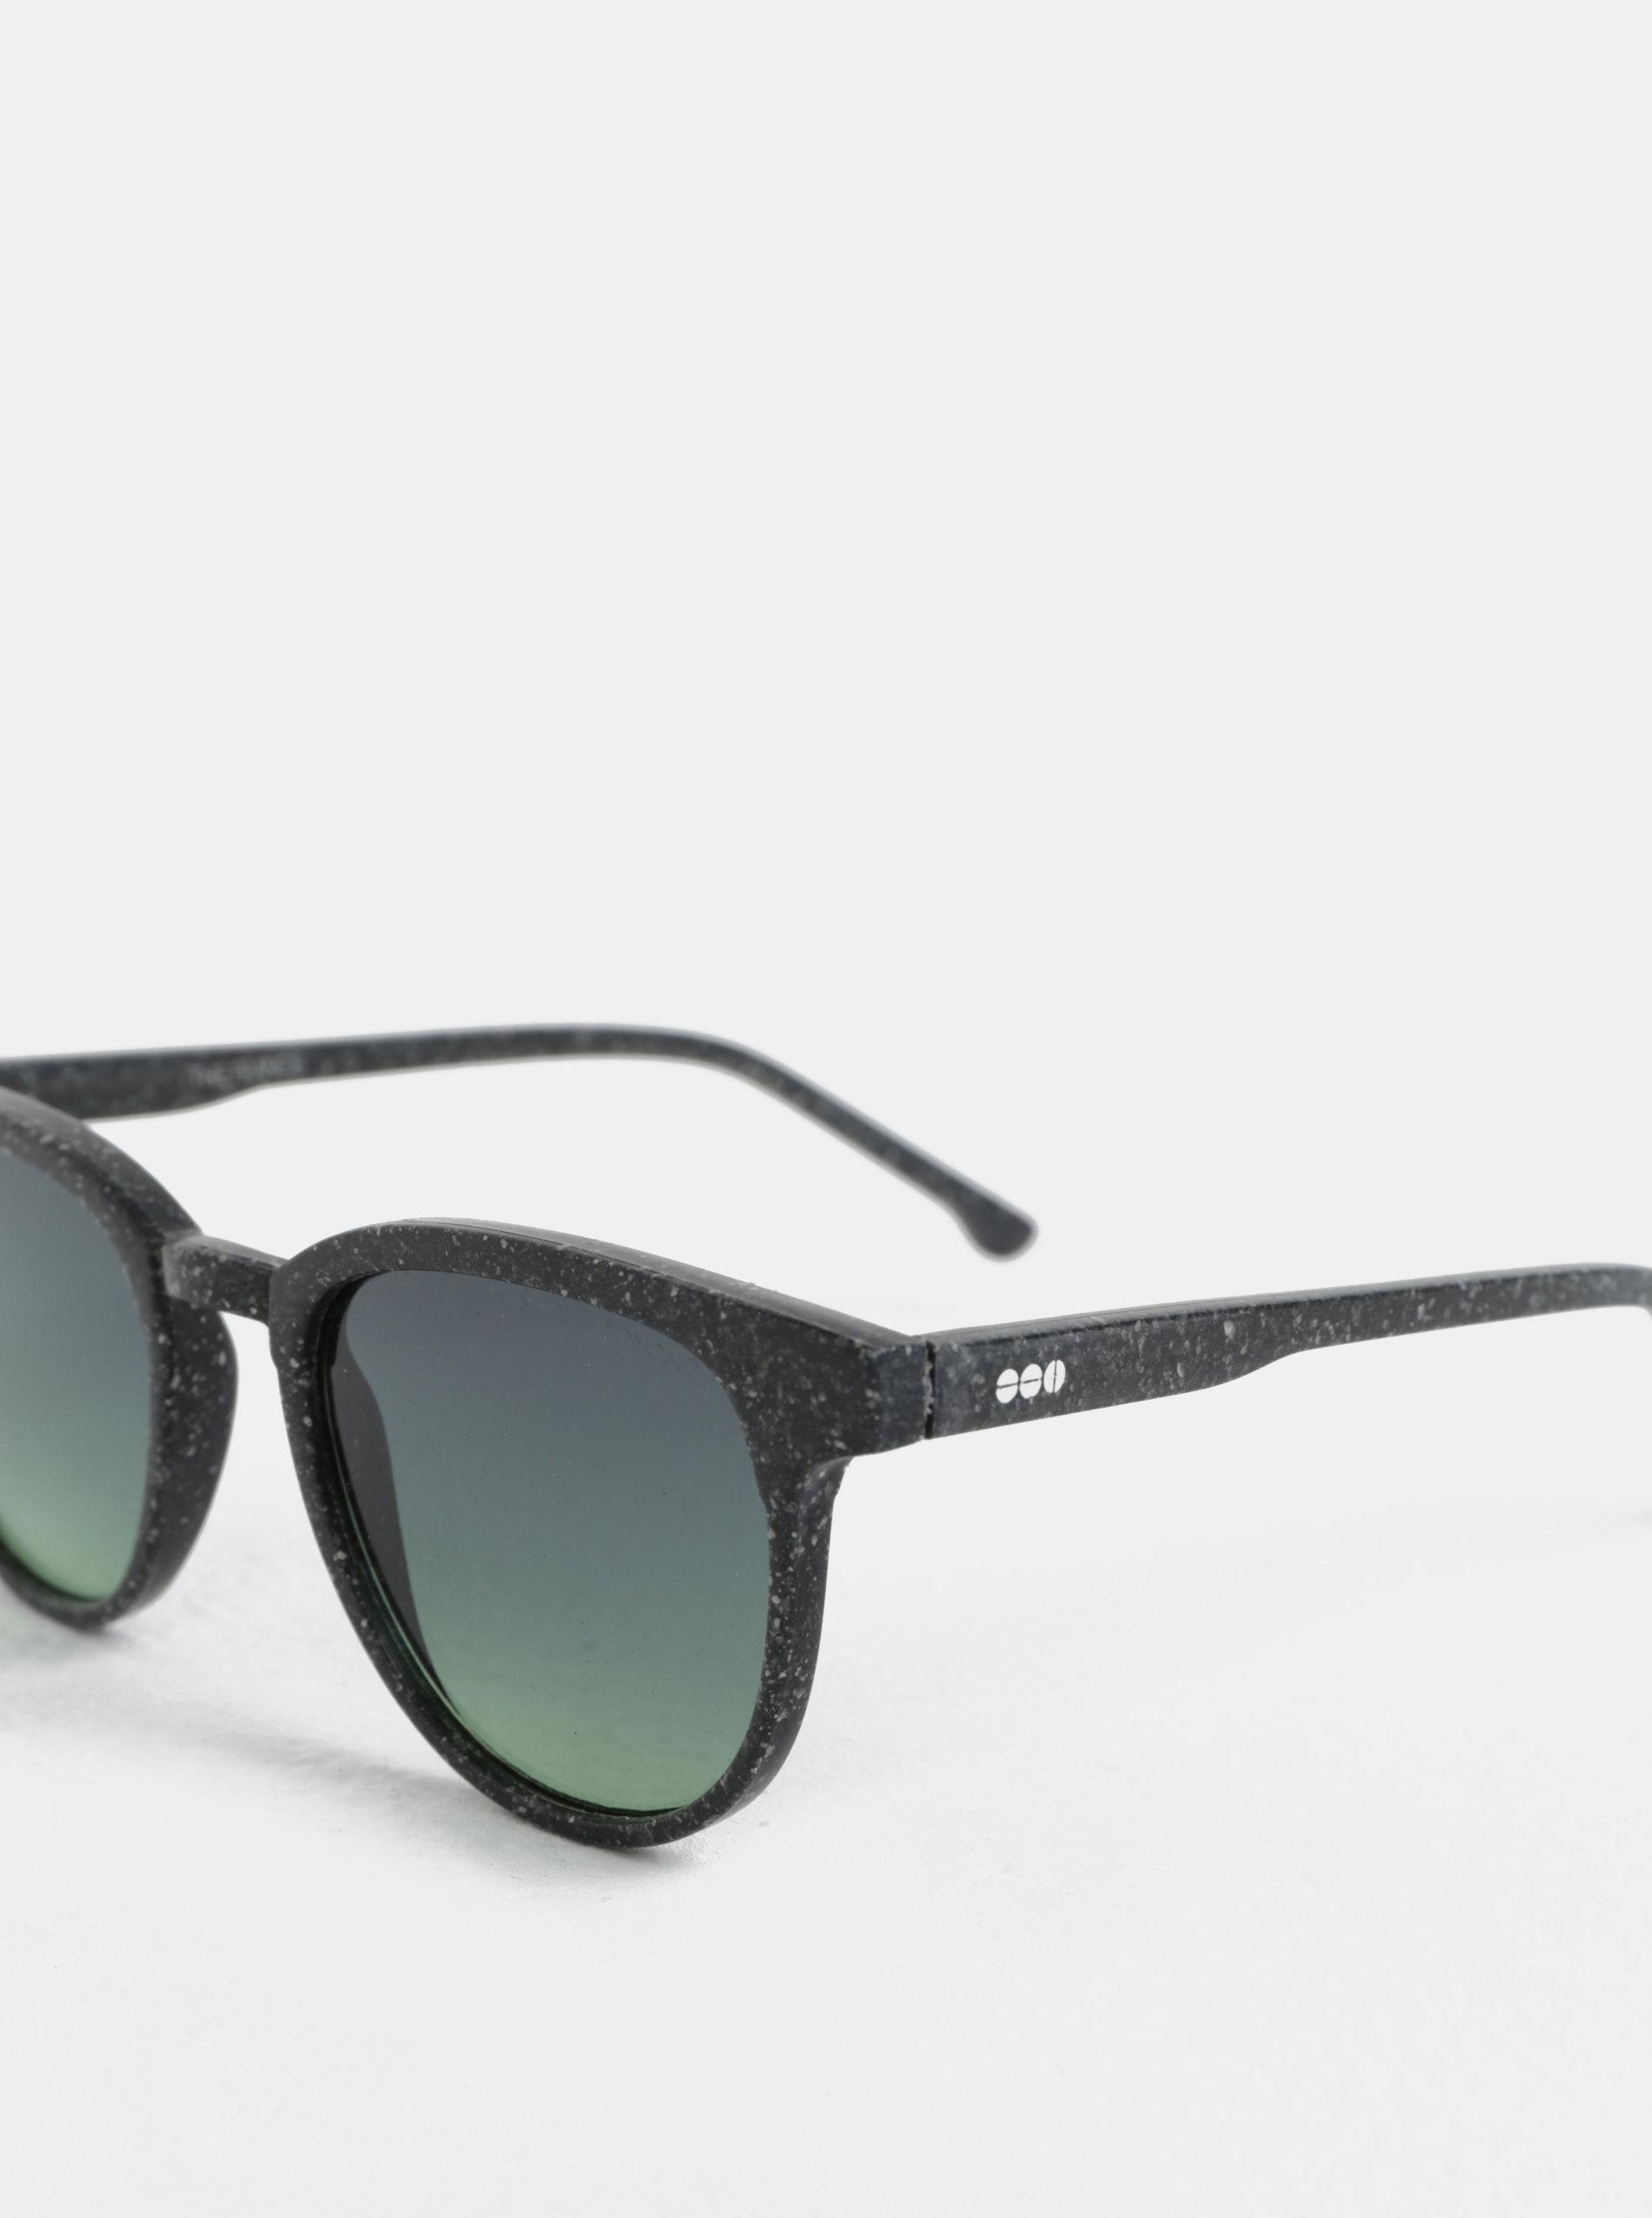 81c751551 Tmavosivé unisex slnečné okuliare Komono Winston ...